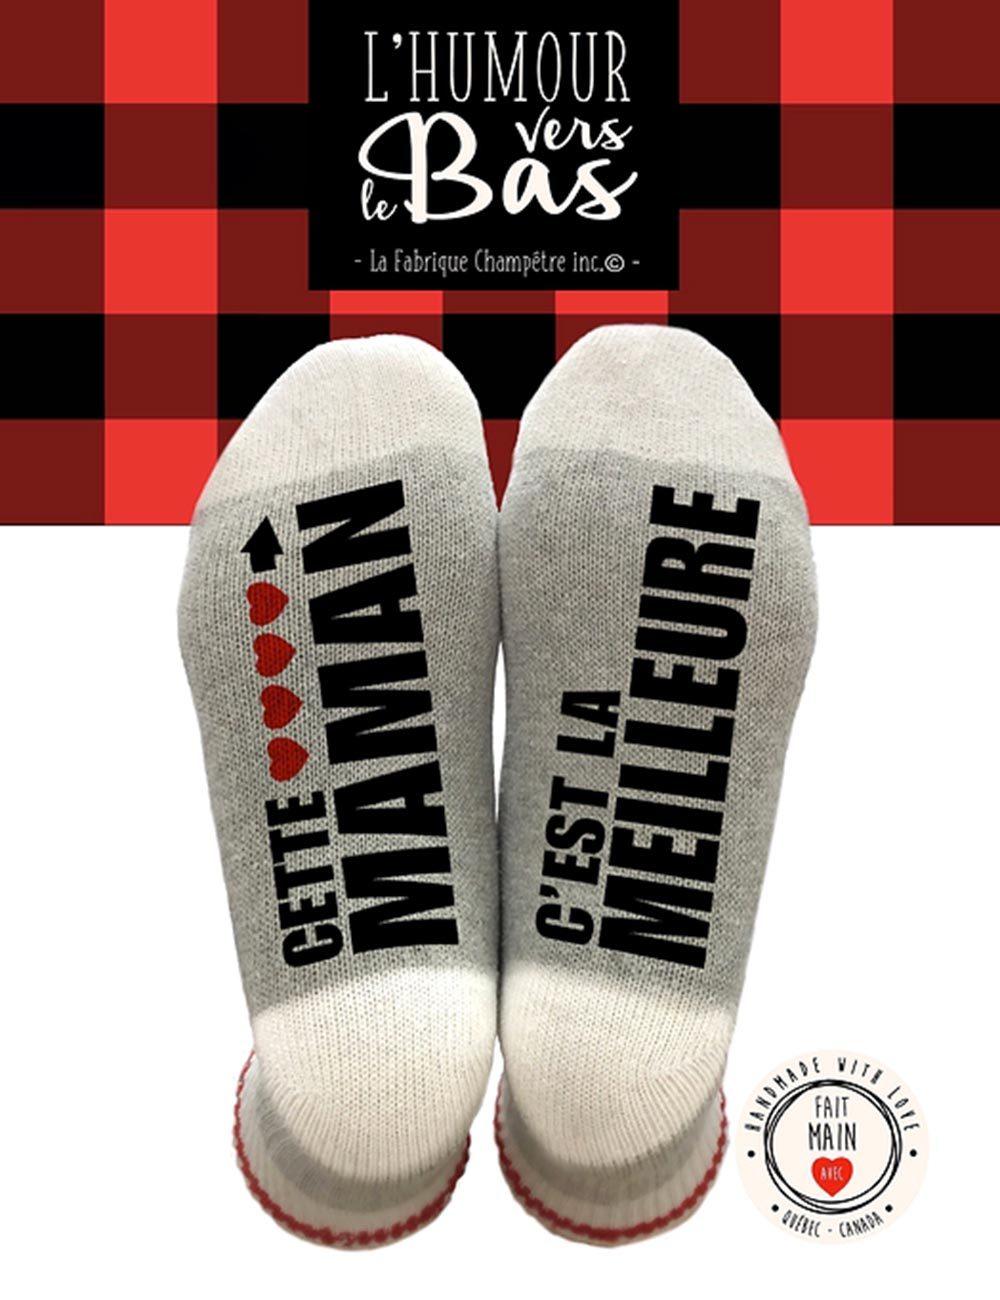 Idée cadeau fête des mères : de drôles de chaussettes.